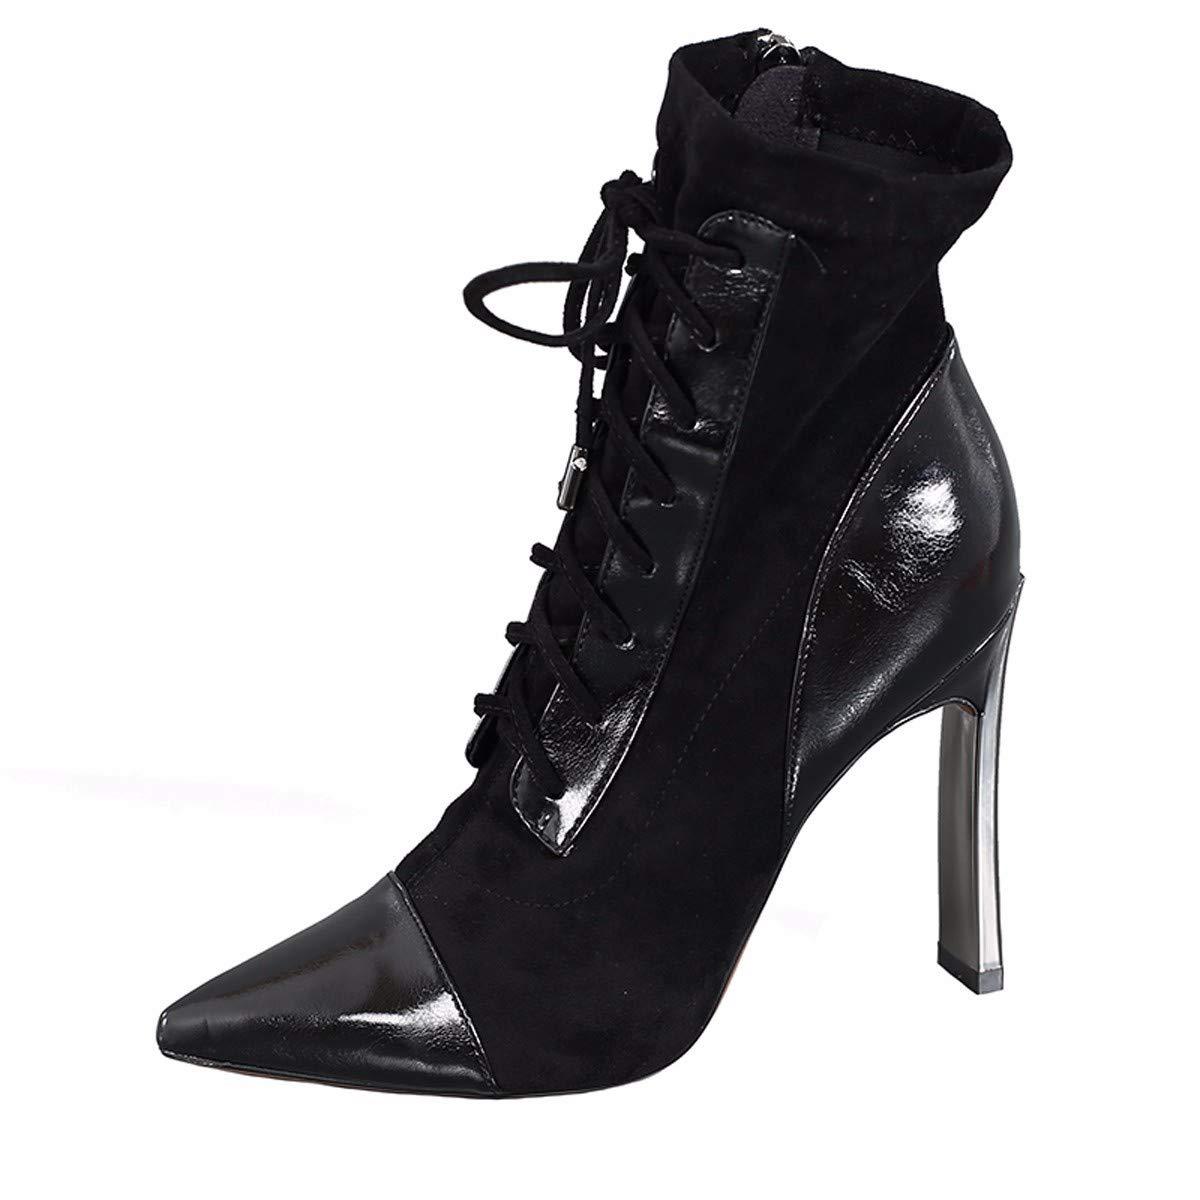 LBTSQ Damenschuhe Mode Nähen Heel 10Cm Mitte Stiefel Schnürsenkel Martin Stiefel Spitze Dicke Schuhe Stiefel.